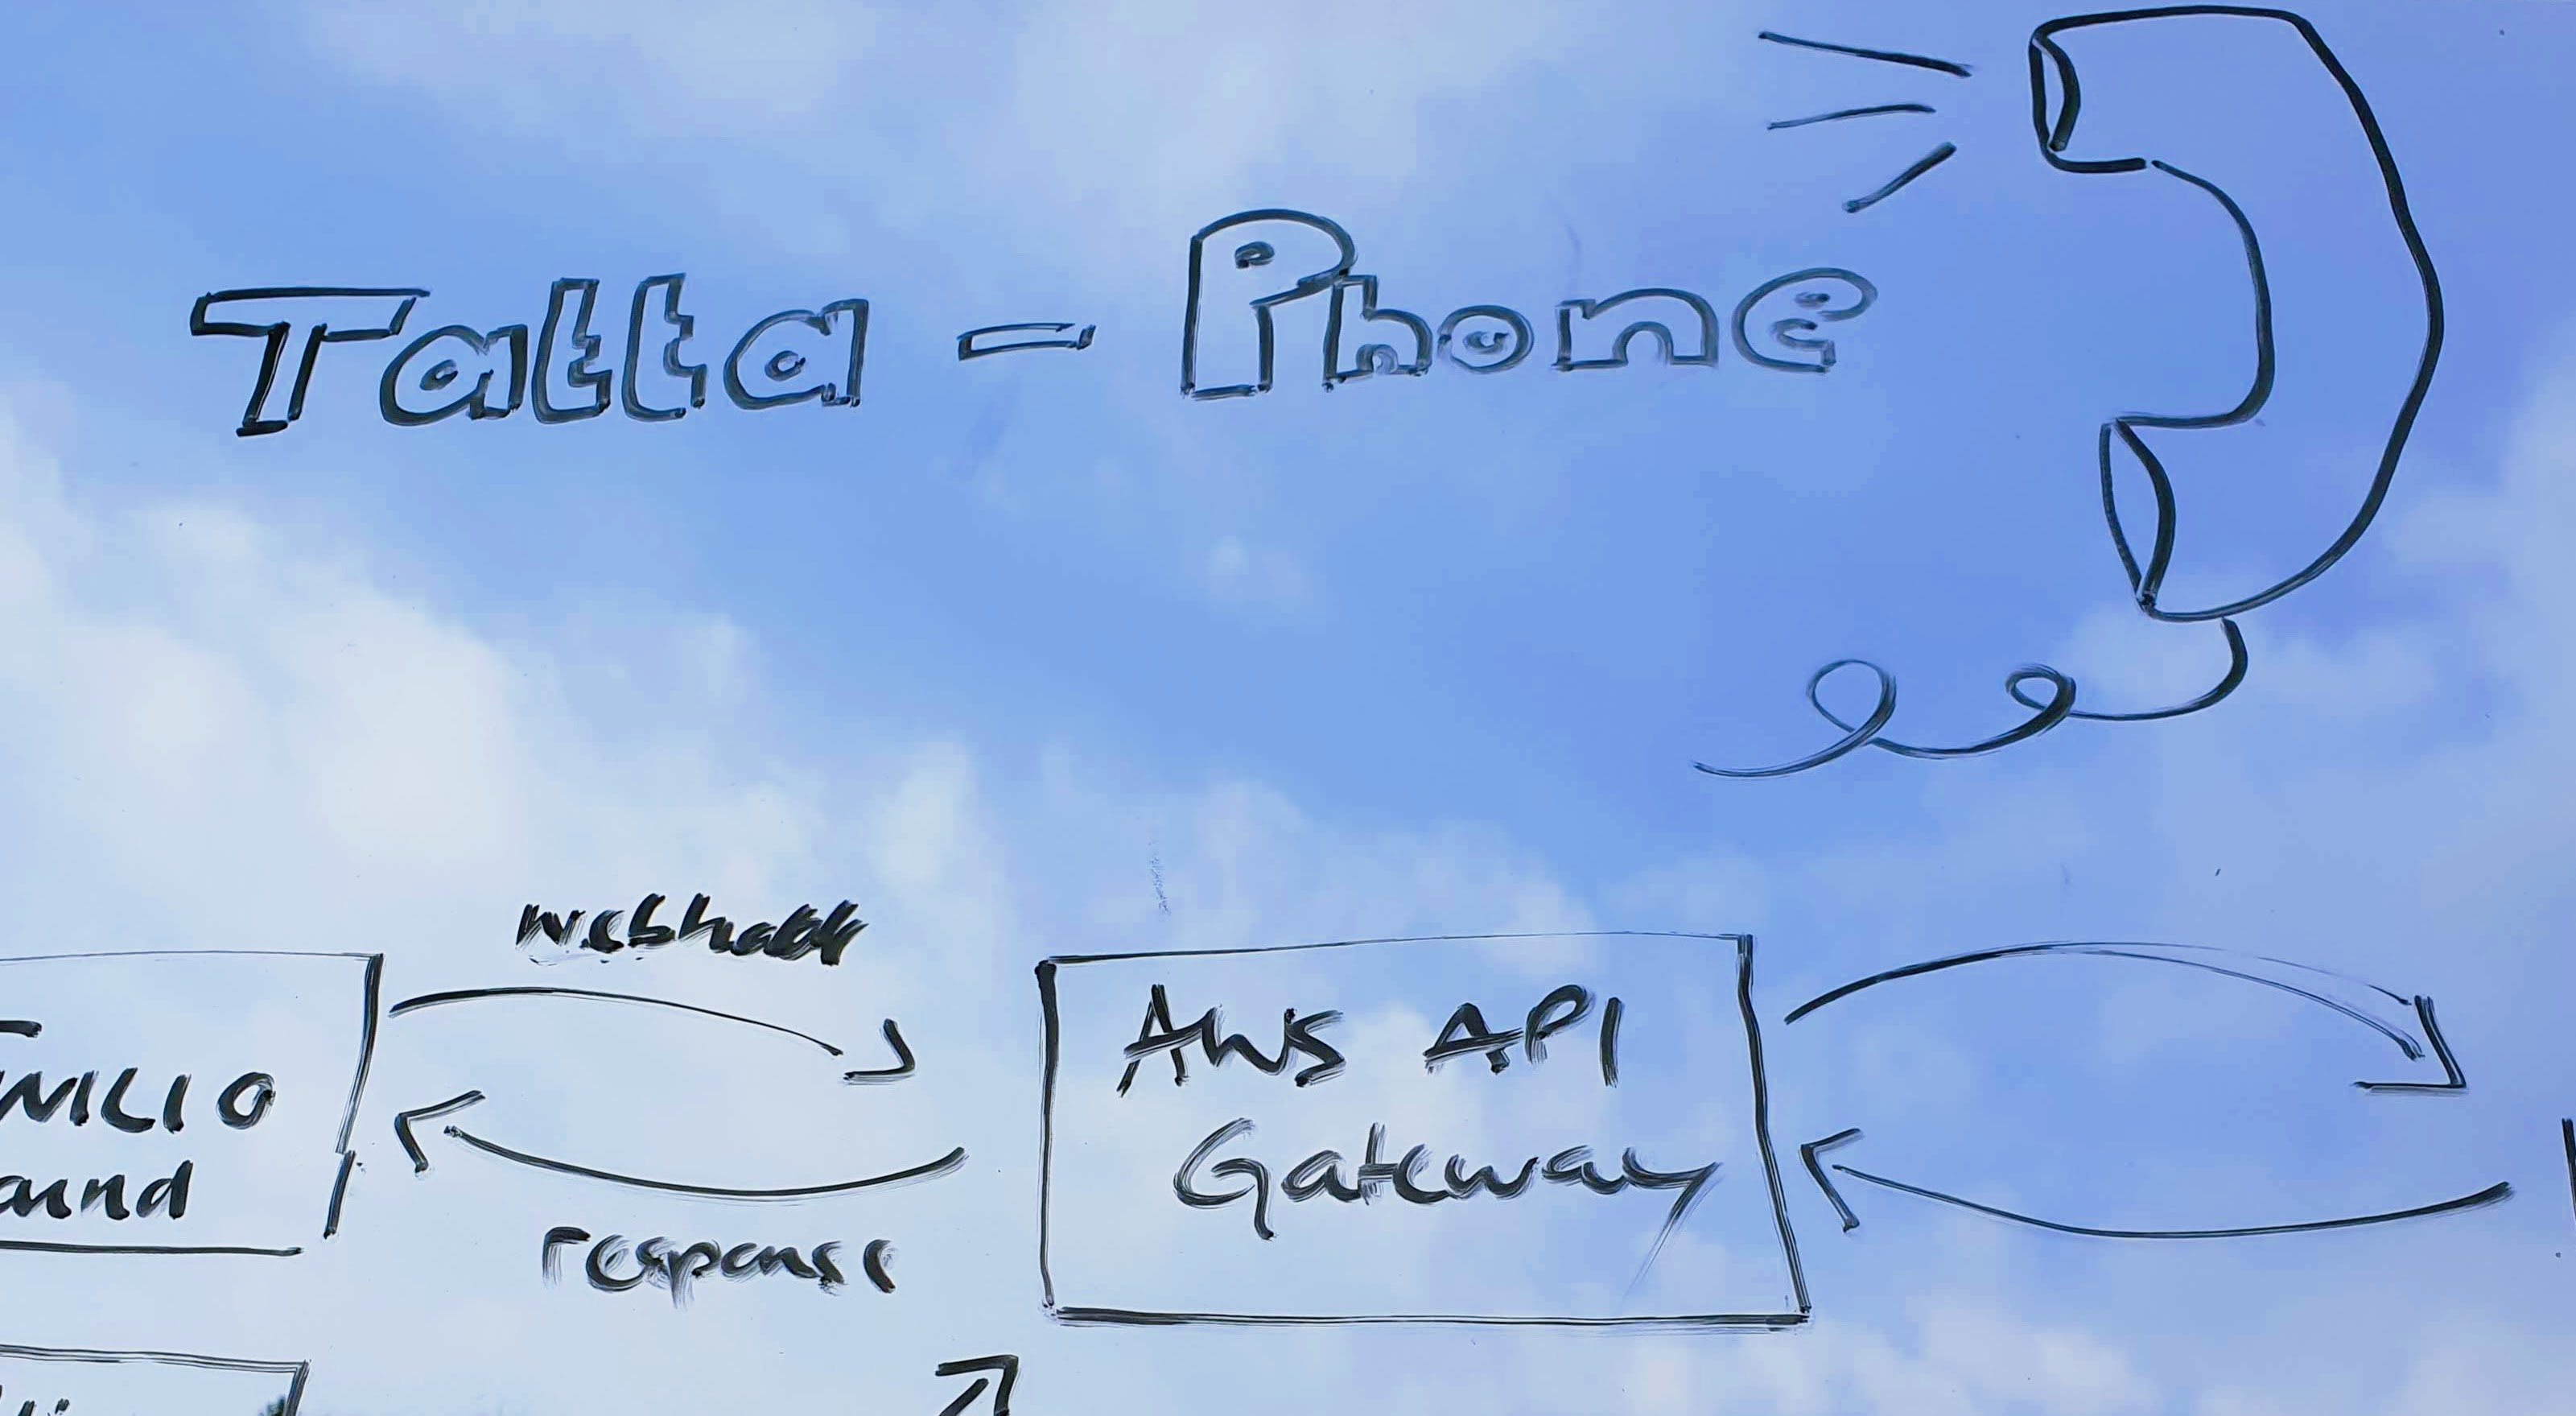 tatta phone